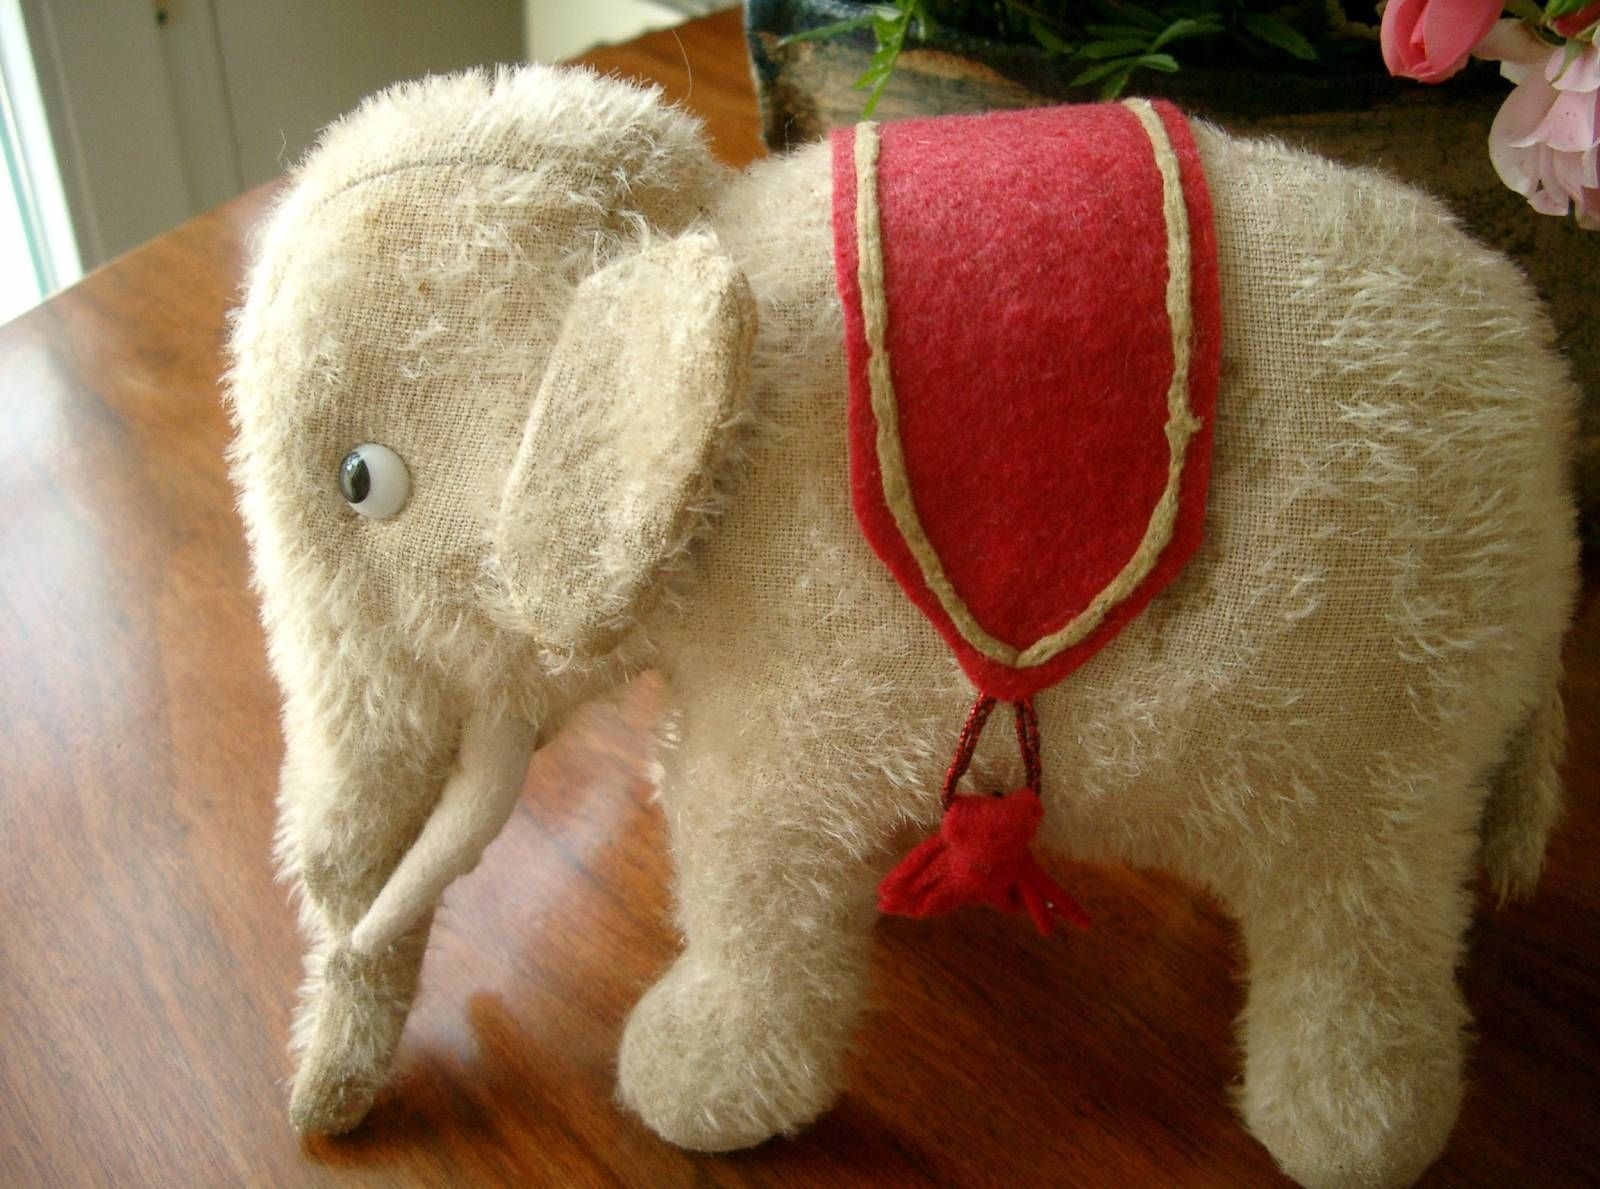 Toller kleiner alter Elefant, ein Freund für die Puppen | eBay